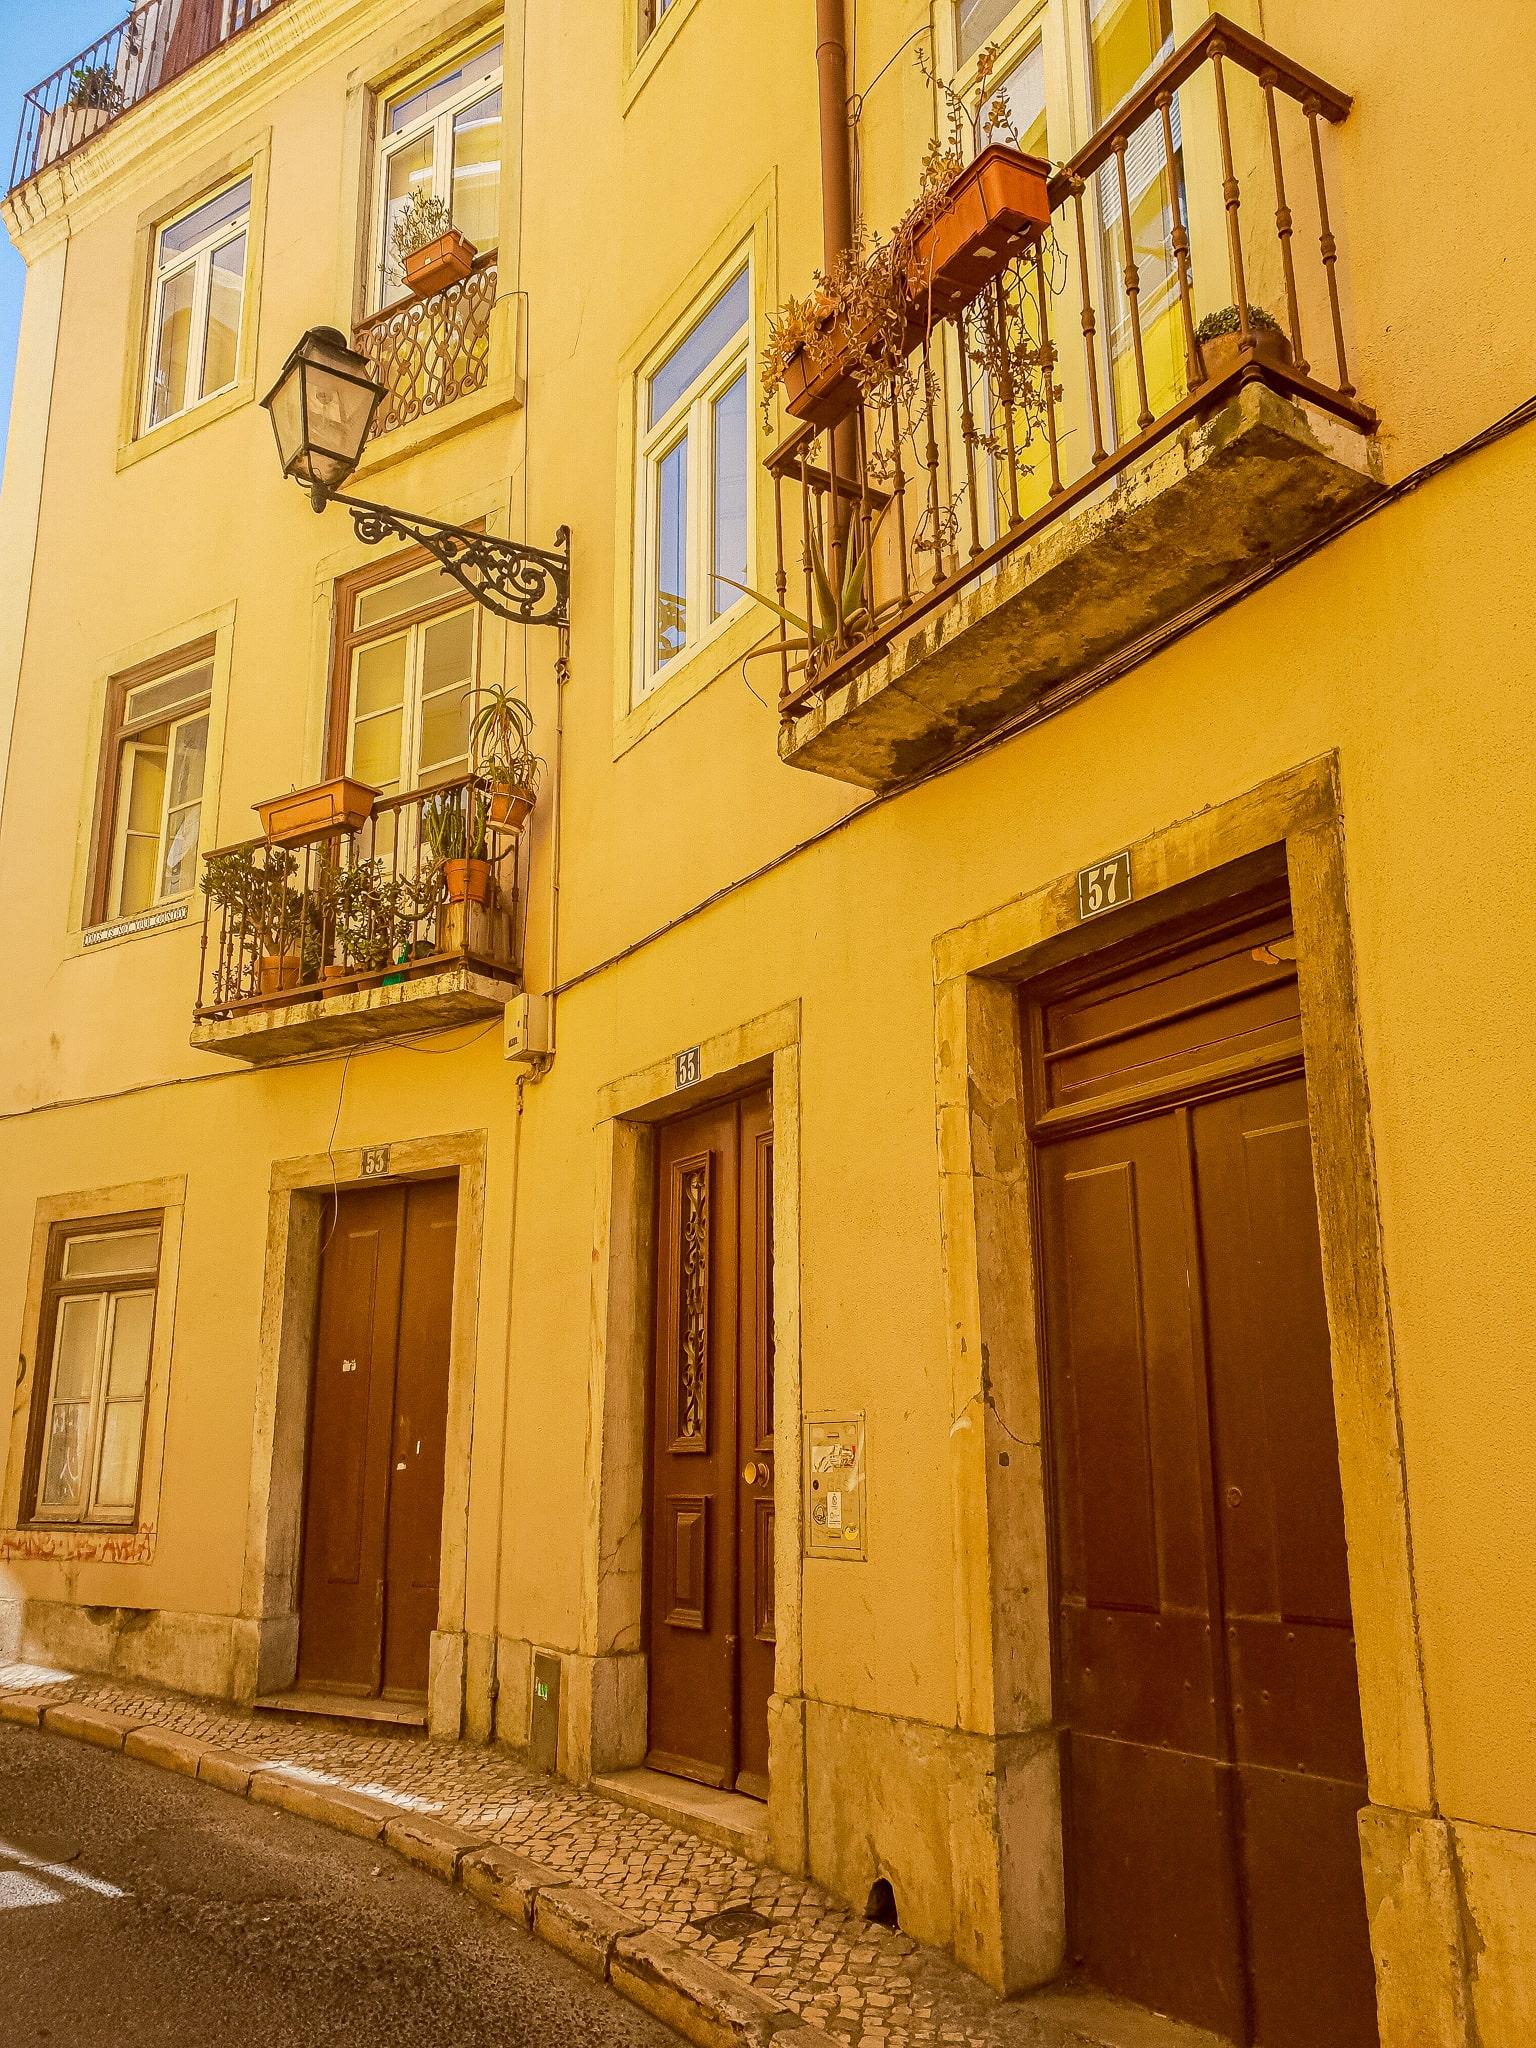 Traumhafte Gasse in Lissabon